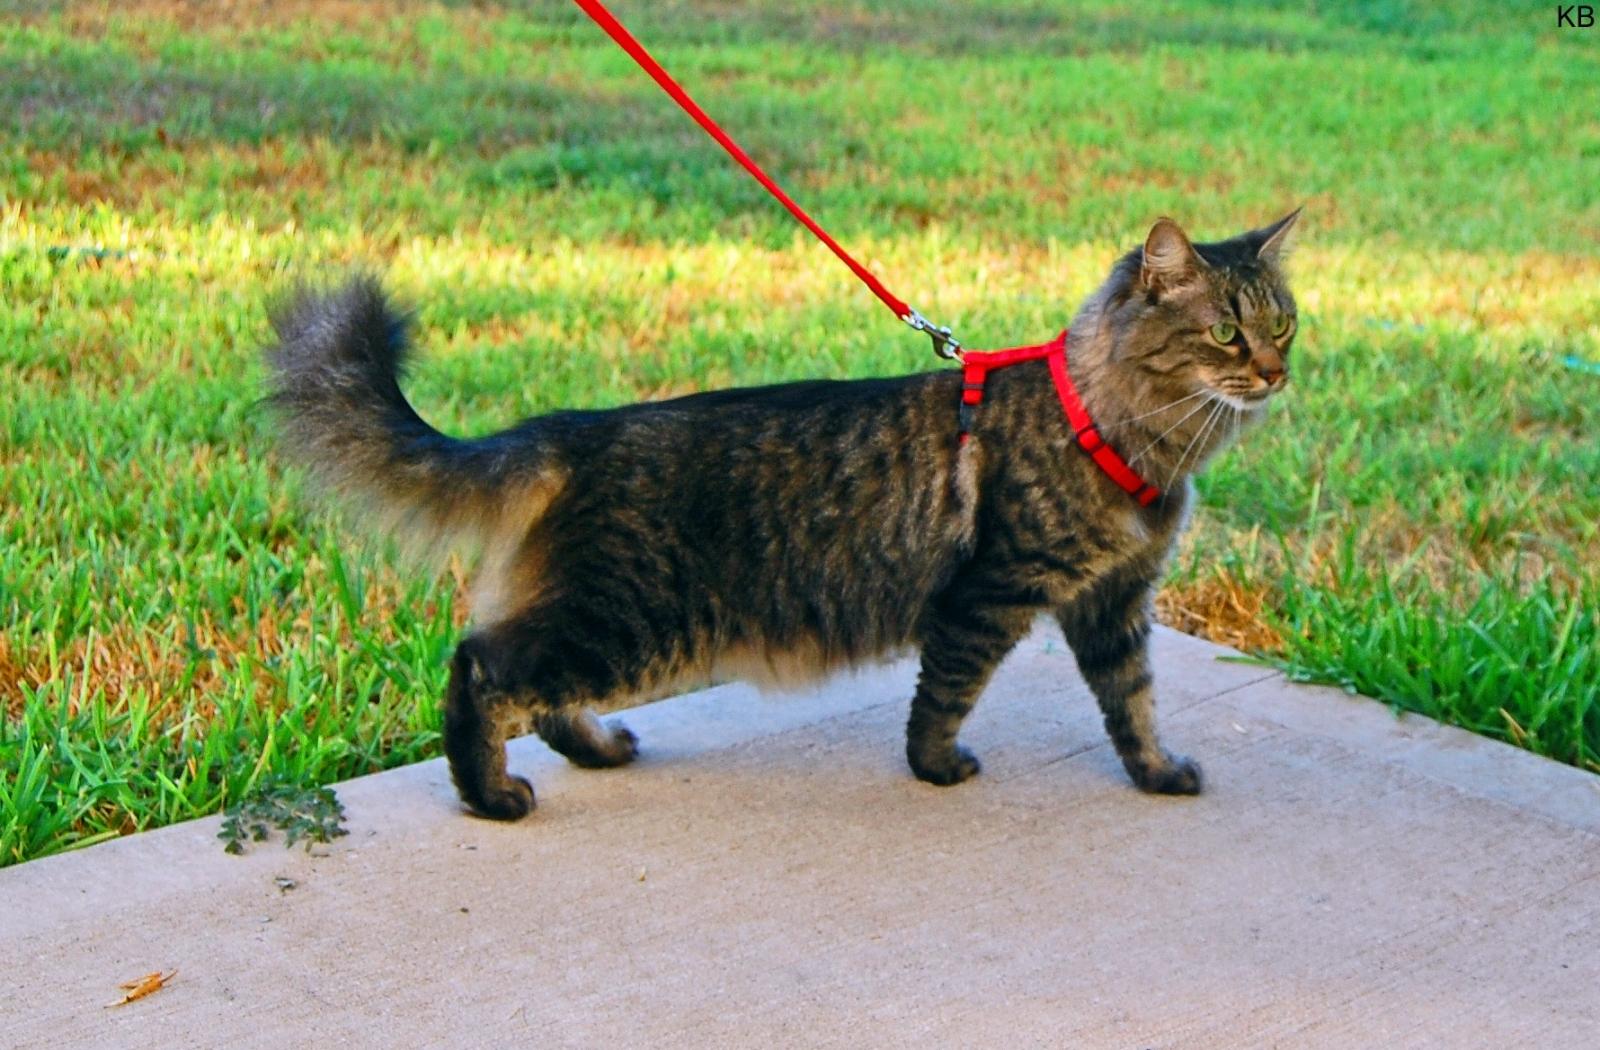 Cat Walking Through Dogs